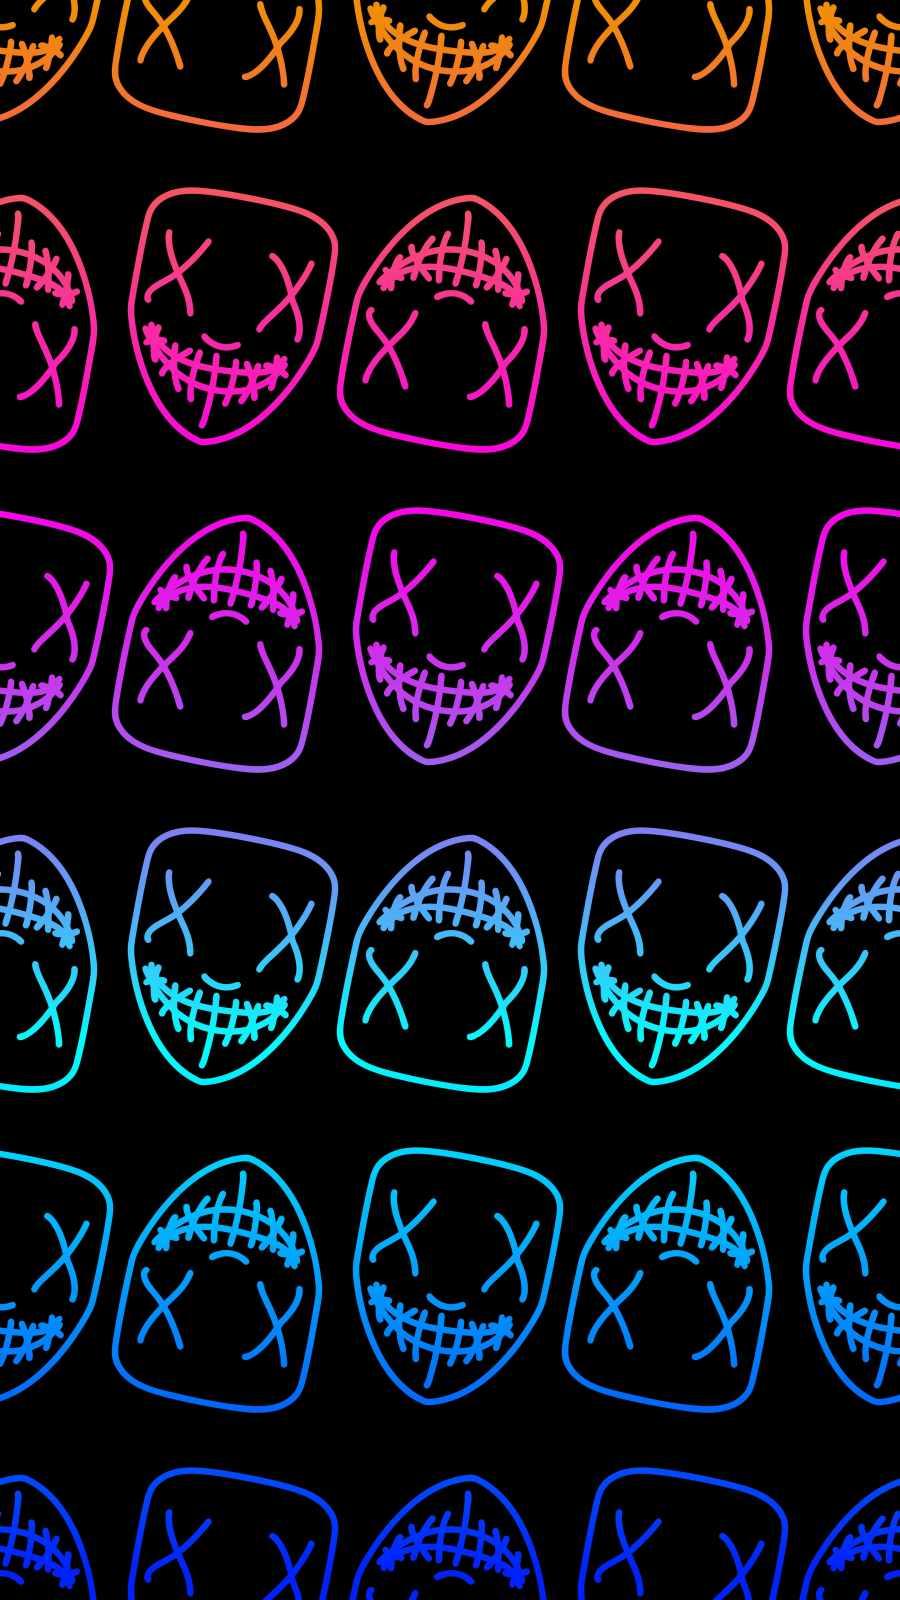 Amoled Neon Masks